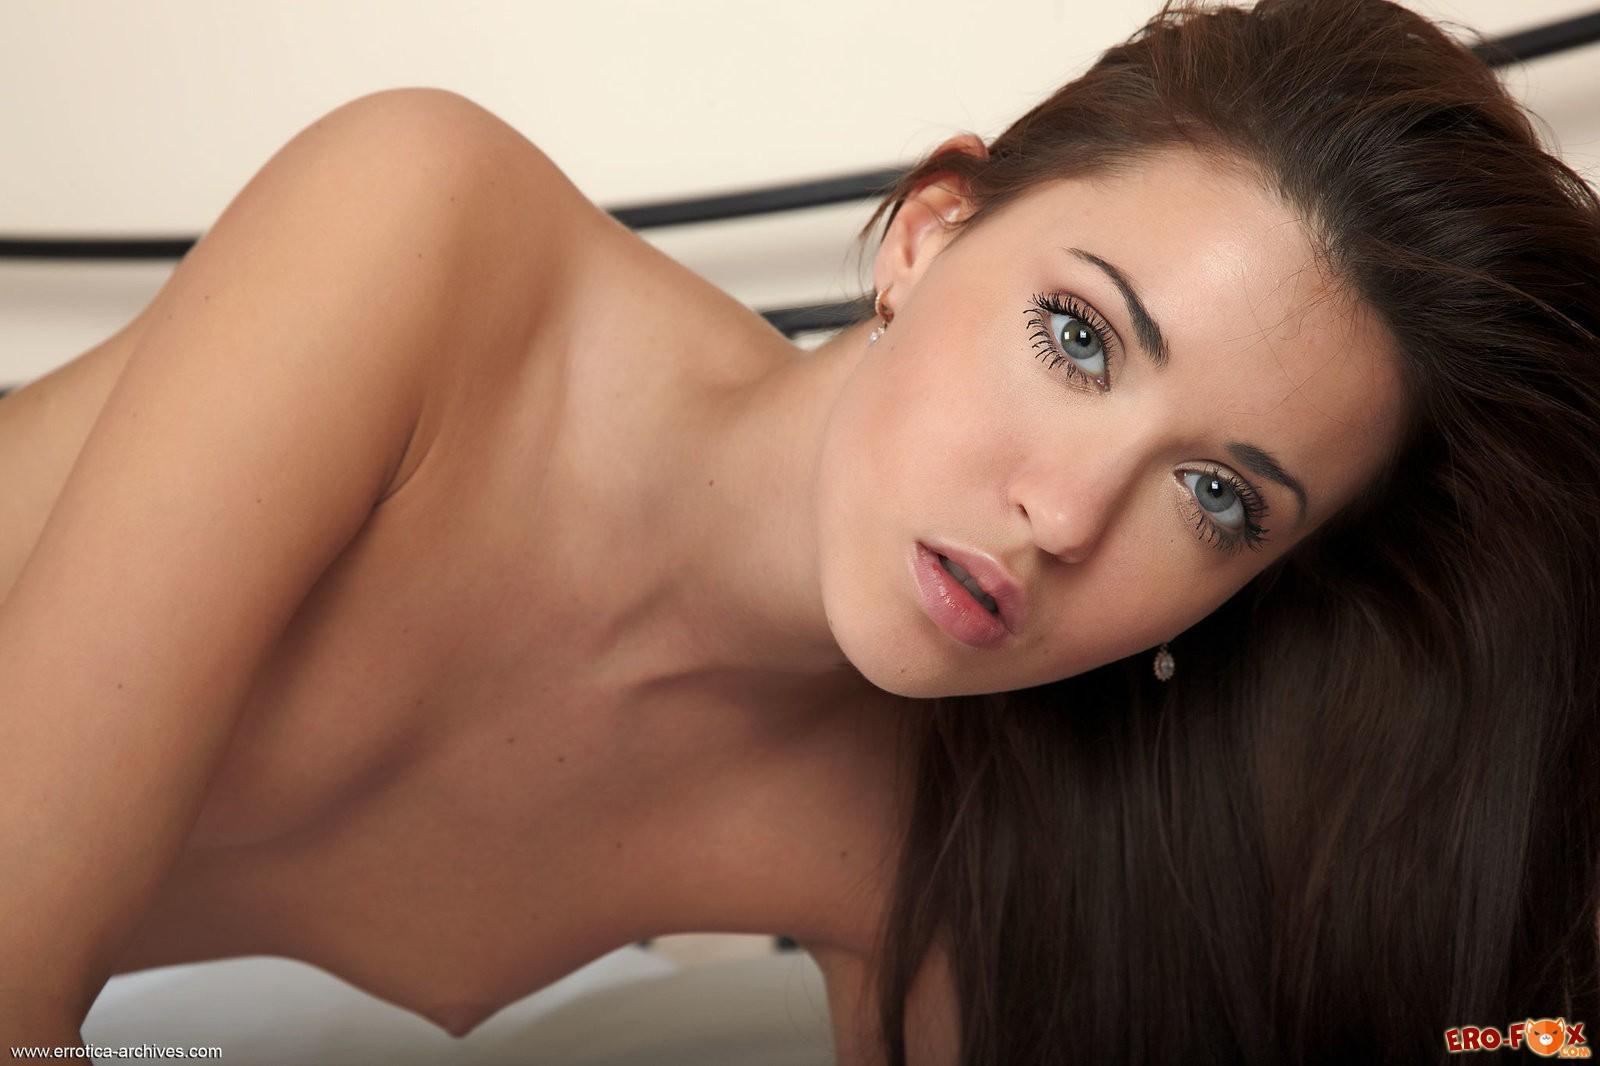 Голая девушка на белой кровати